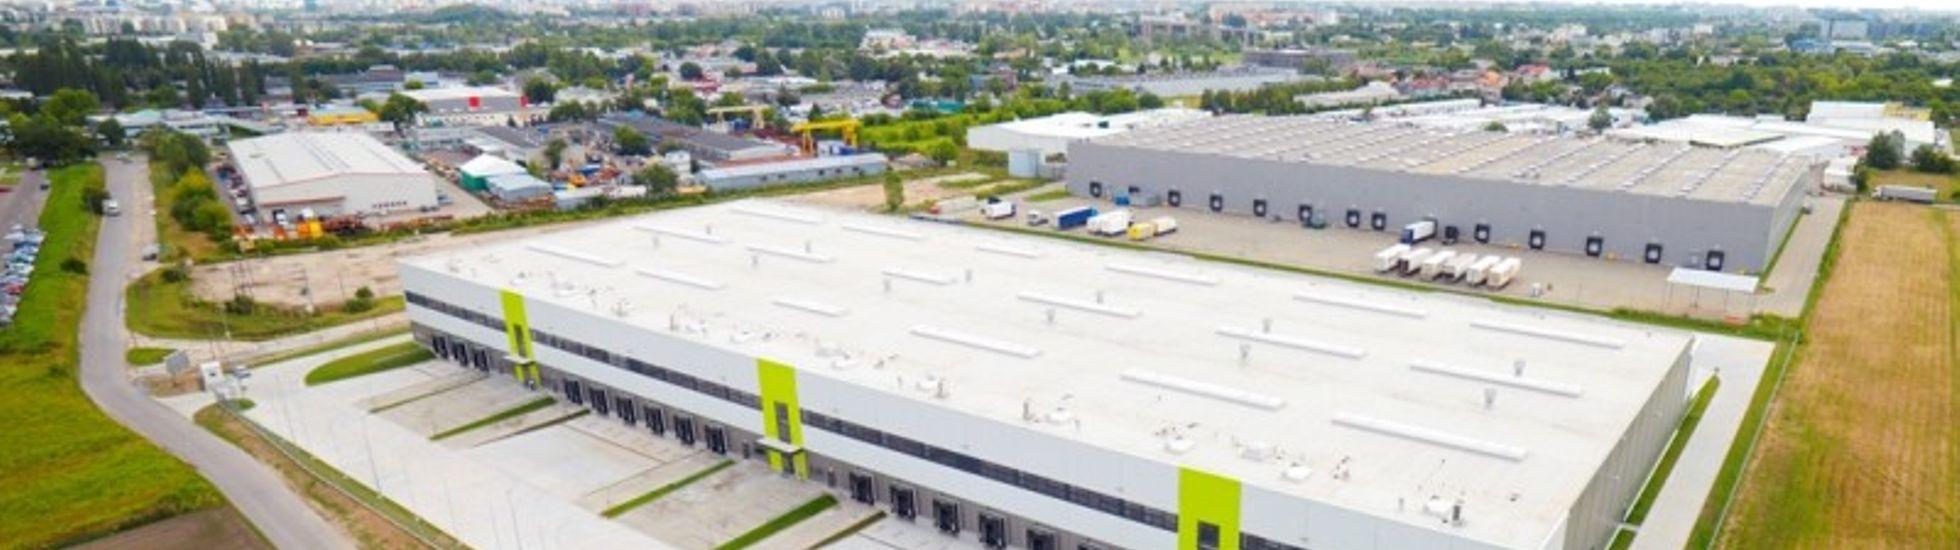 [Warszawa] Globalna firma kosmetyczna wprowadzi się do Gate One Business Park w Warszawie